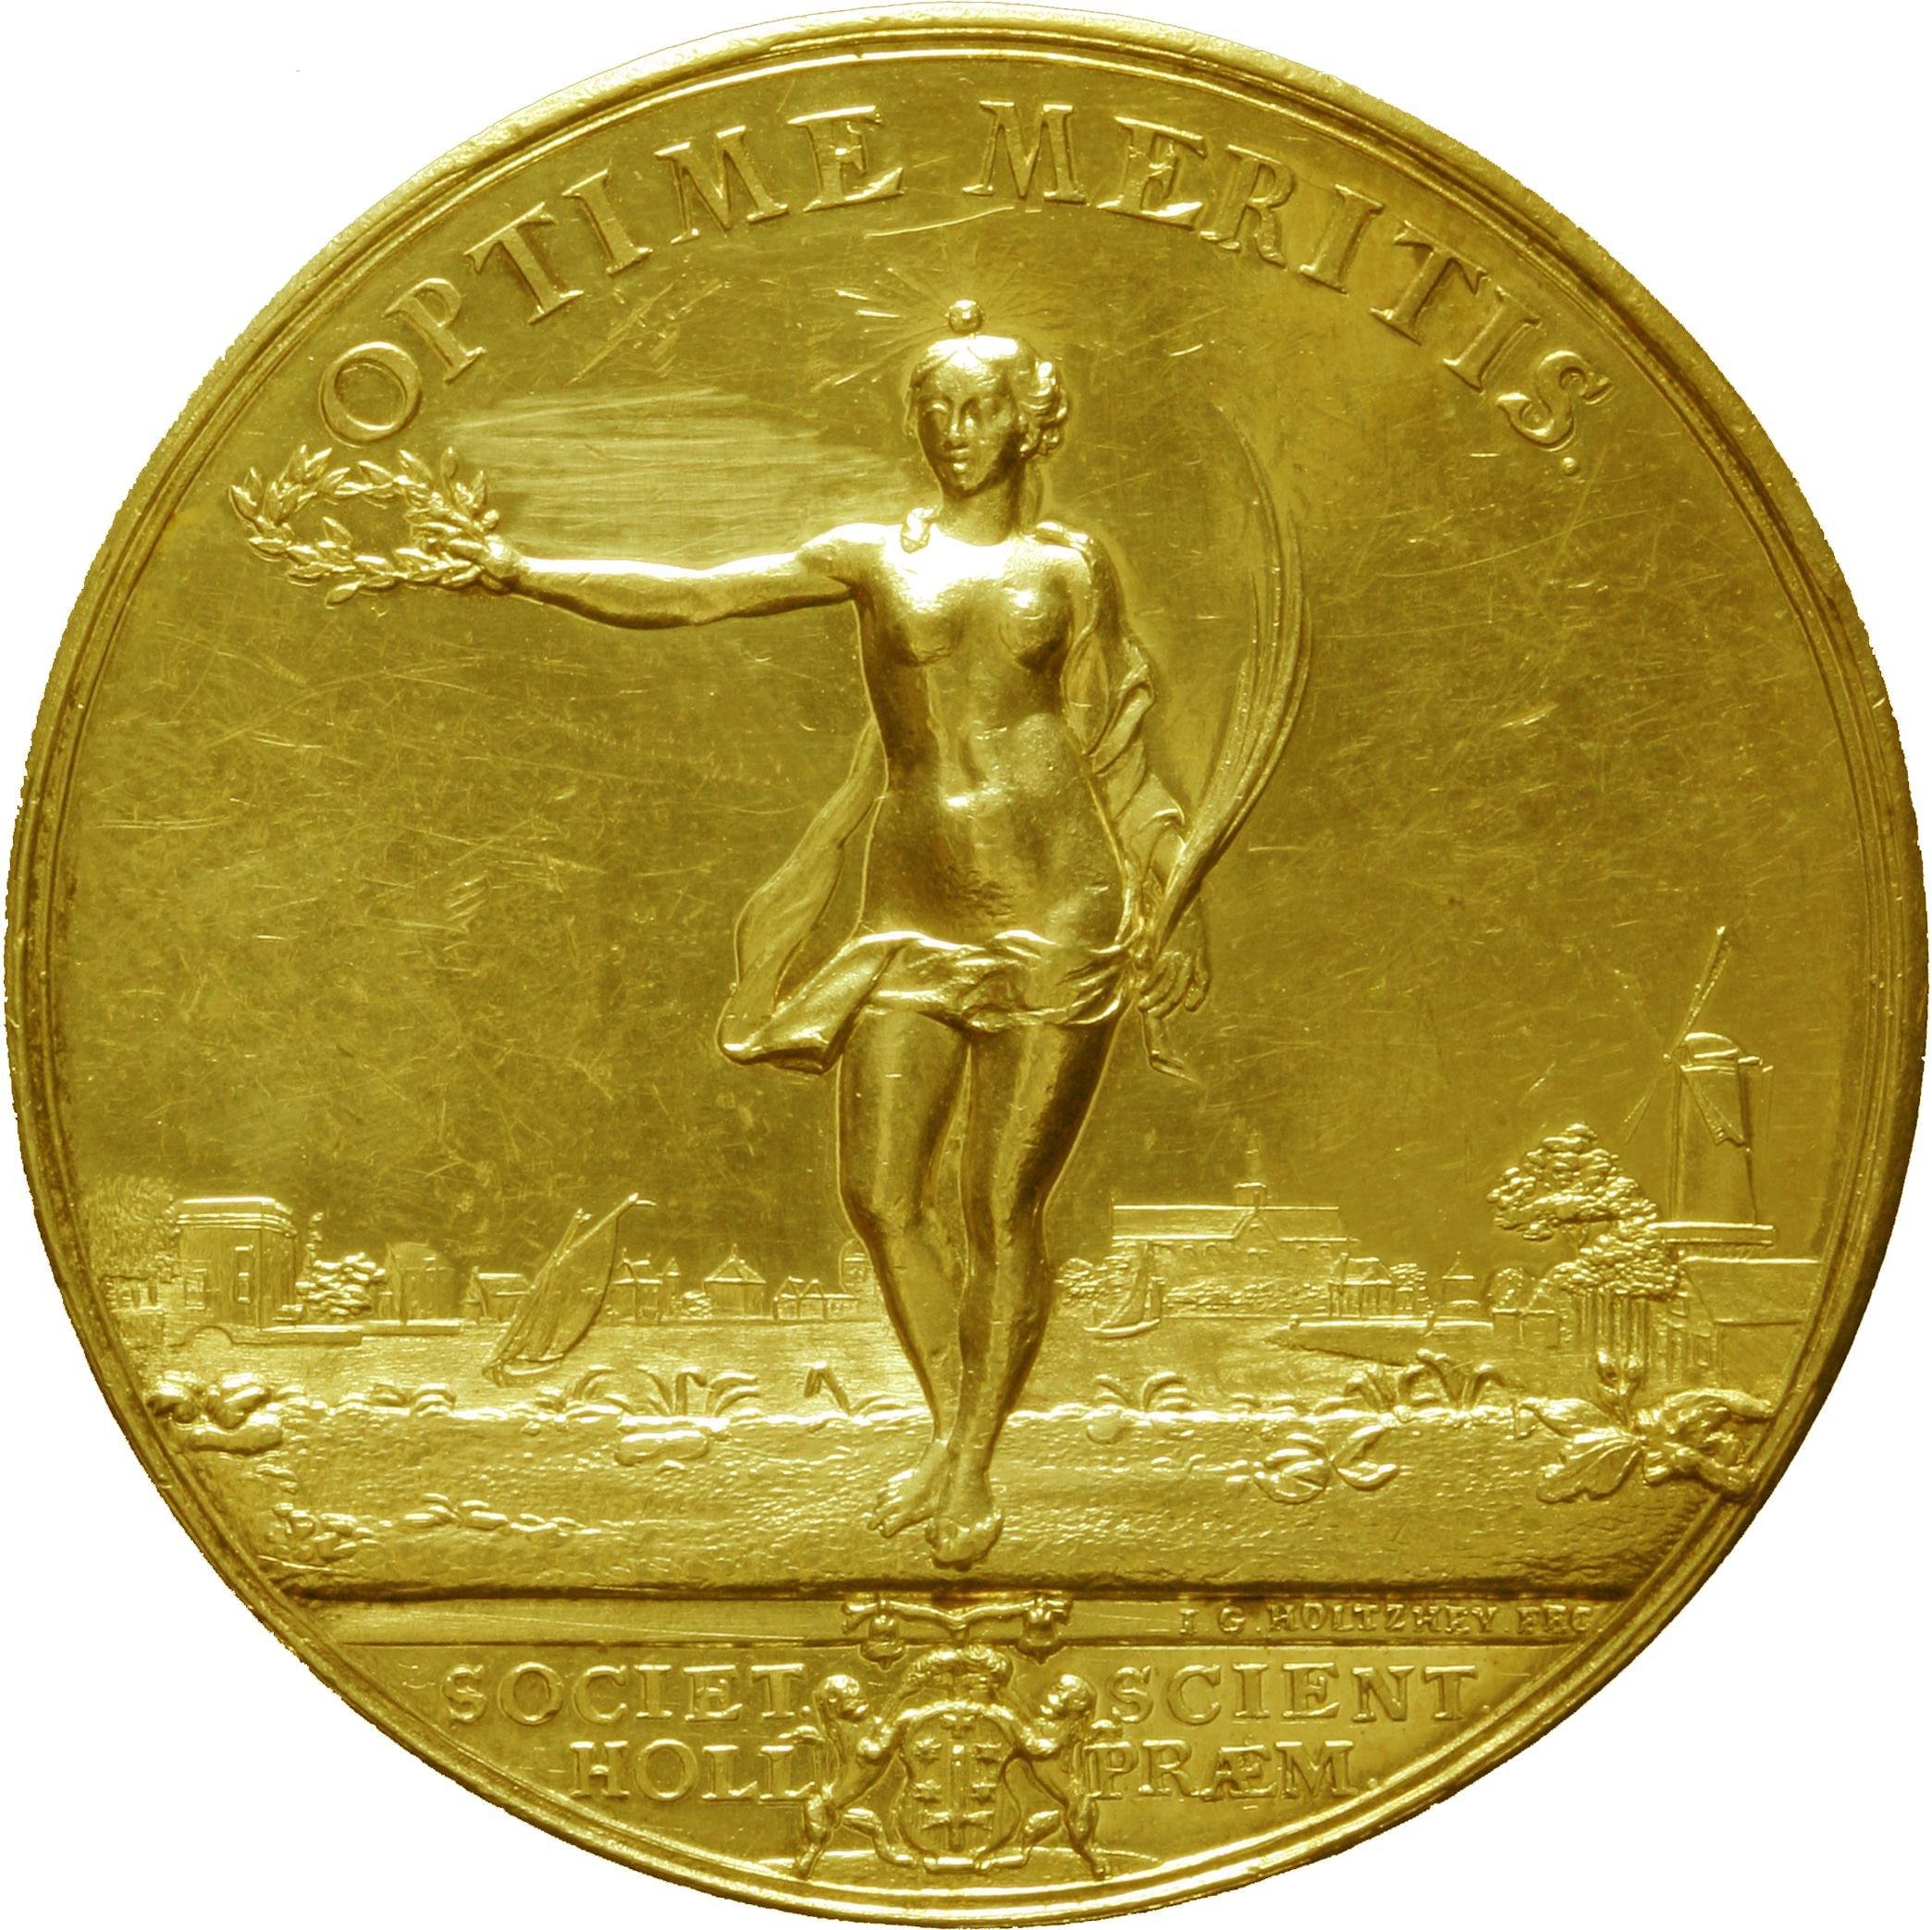 De originele gouden prijsvraagmedaille, naar een ontwerp van J.G. Holtzhey uit 1752, met op de achtergrond een prachtig stadsbeeld van Haarlem.